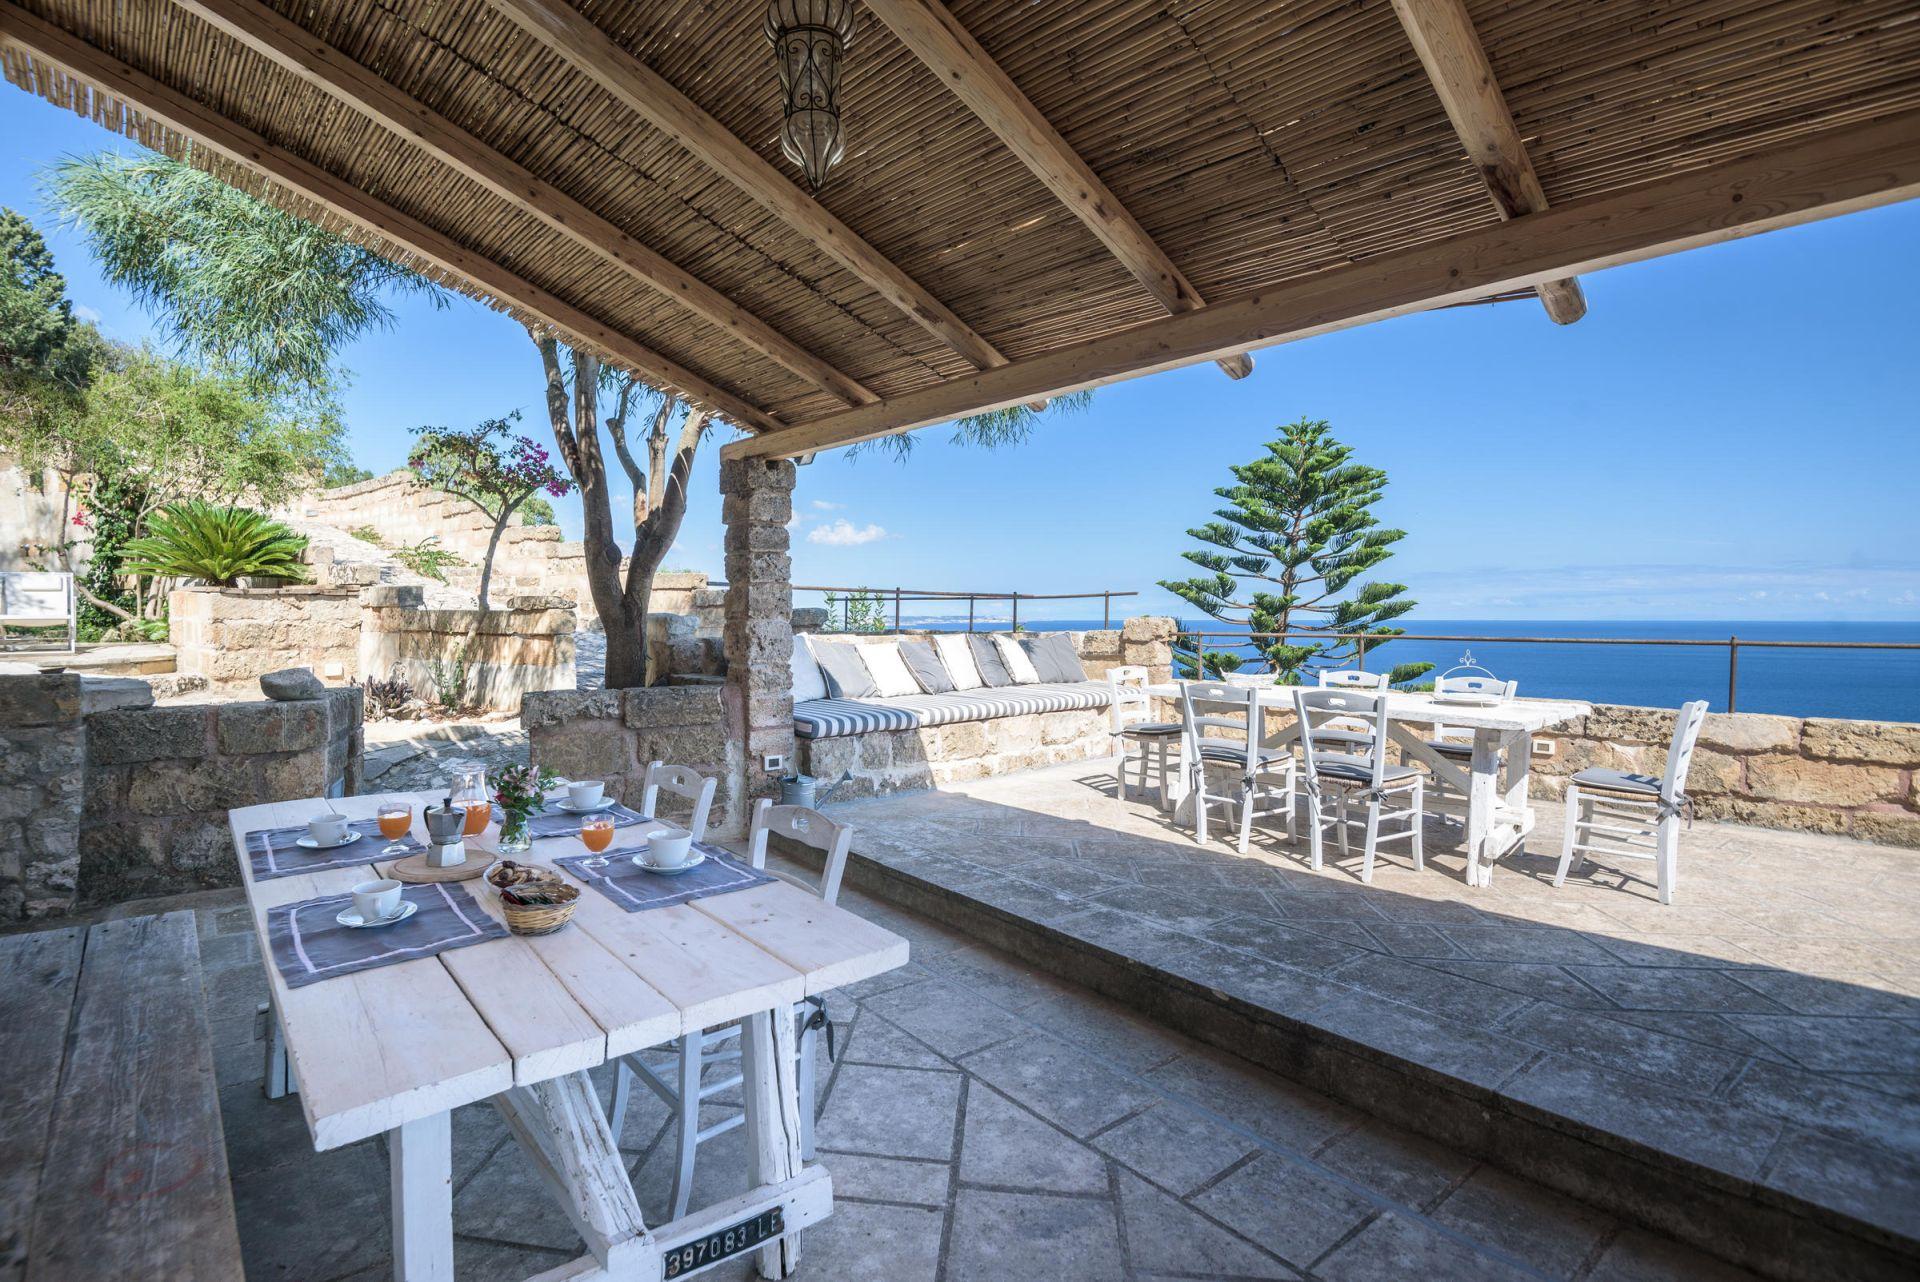 Charmante Villa direkt am Meer mit fantastischem Panorama. Ein bezauberndes Urlaubsdomizil.